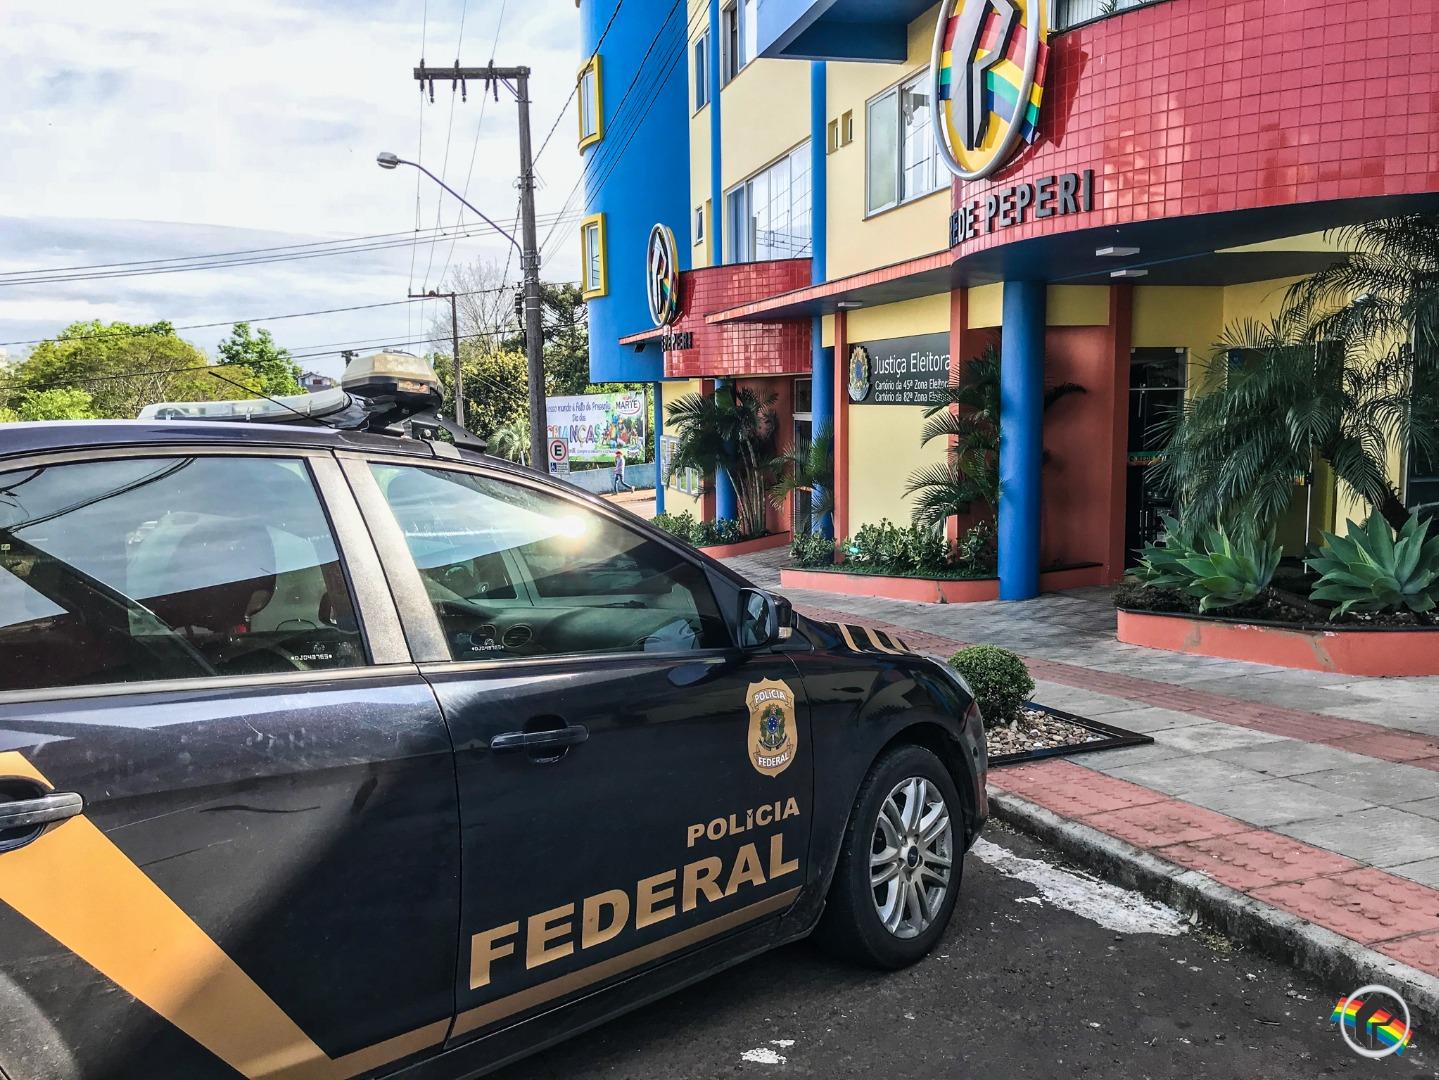 Polícia Federal vai atuar no dia das eleições no município